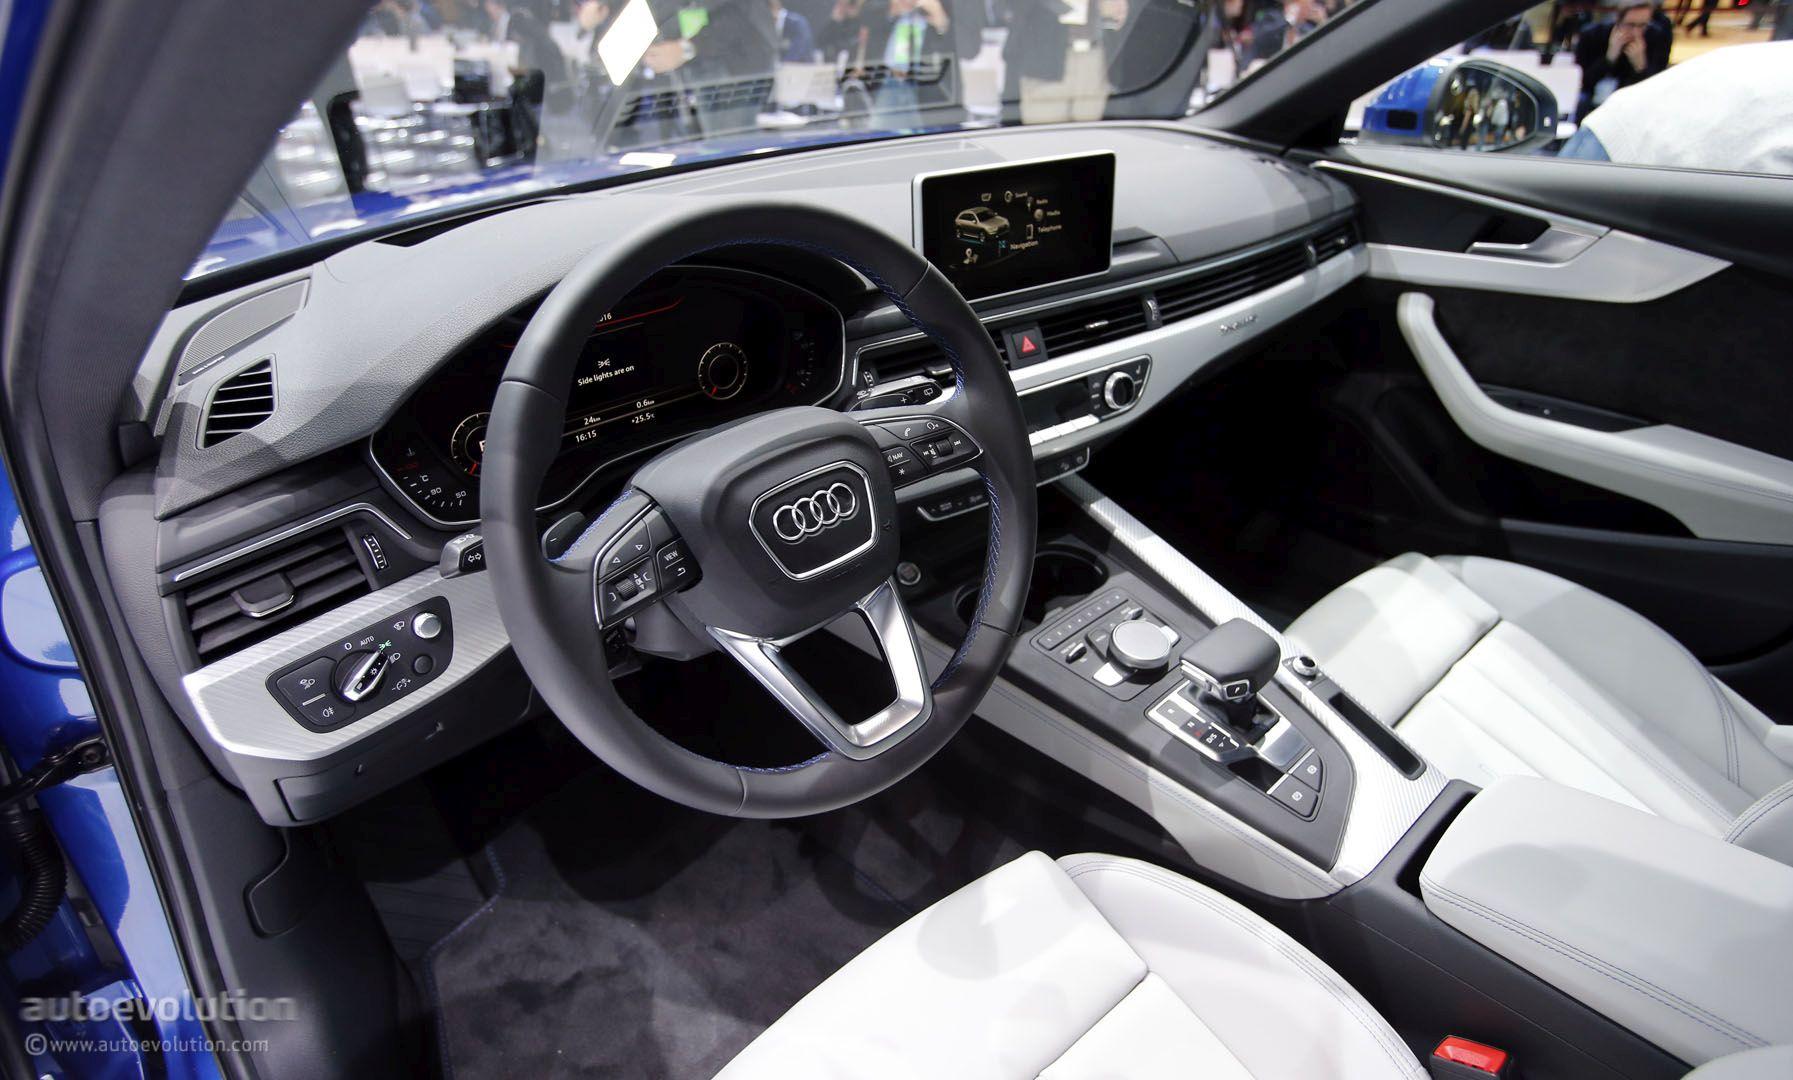 2016 Audi Q5 >> 2017 Audi A4 Allroad Quattro Offers a Refined SUV ...